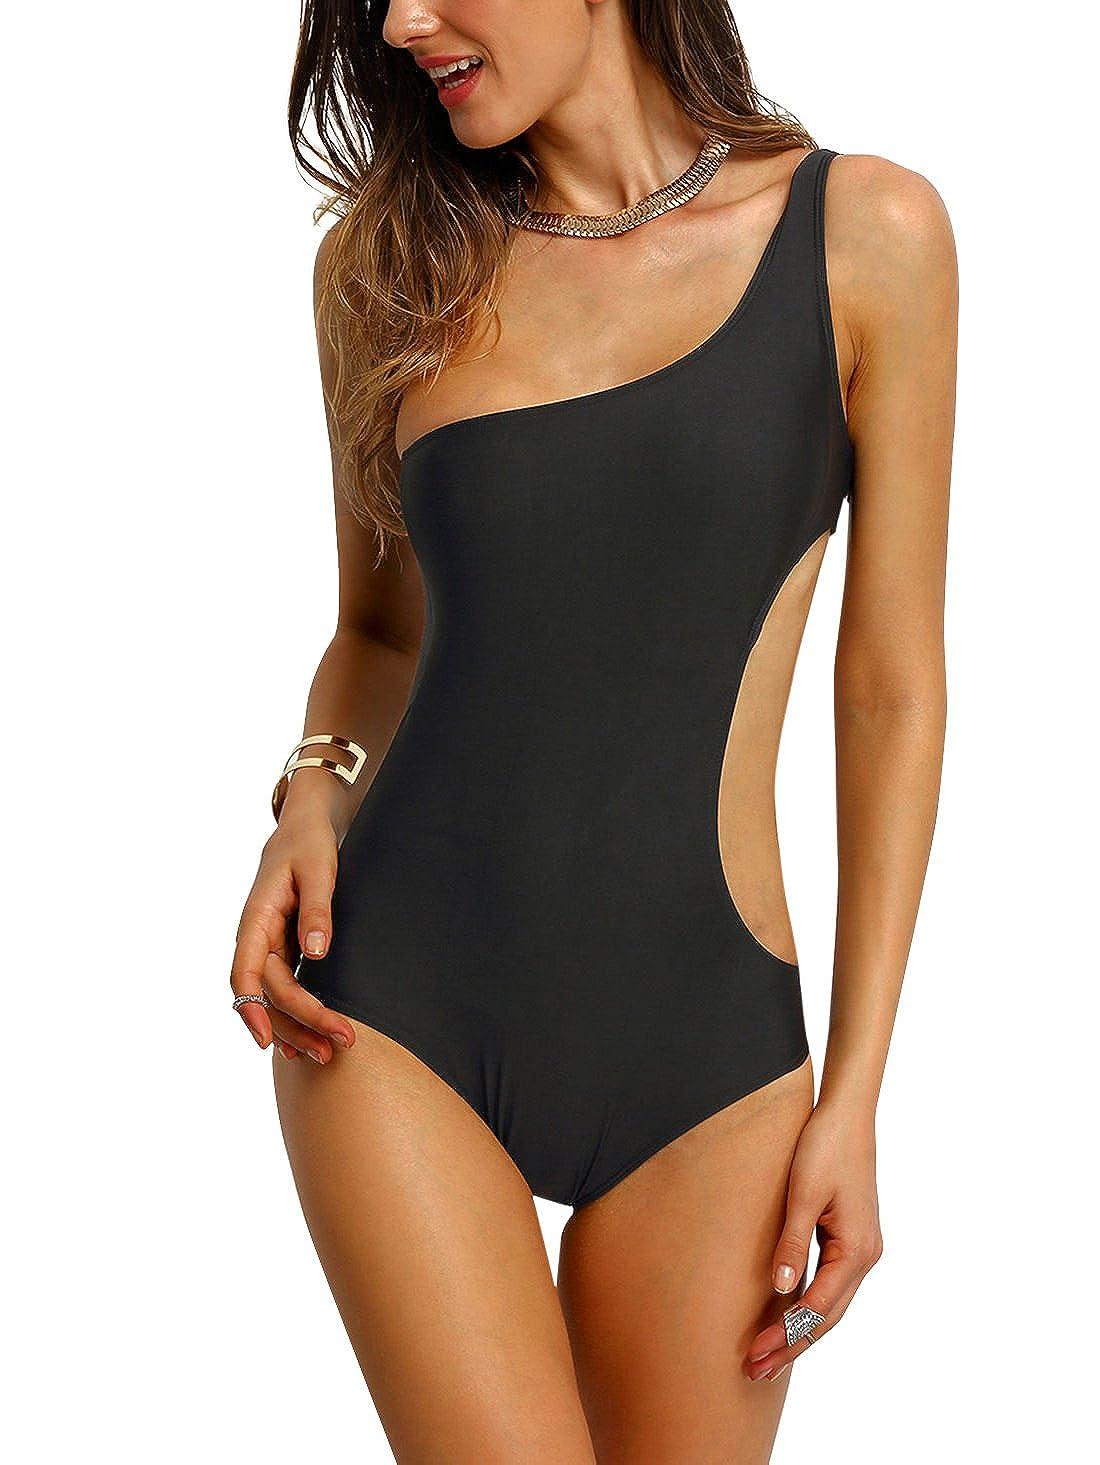 TALLA L. SOLYHUX Mujer Traje de Baño, Monokini Uno Hombro de Una Pieza, Conjunto De Bikini, Ropa de Baño 2019 Negro